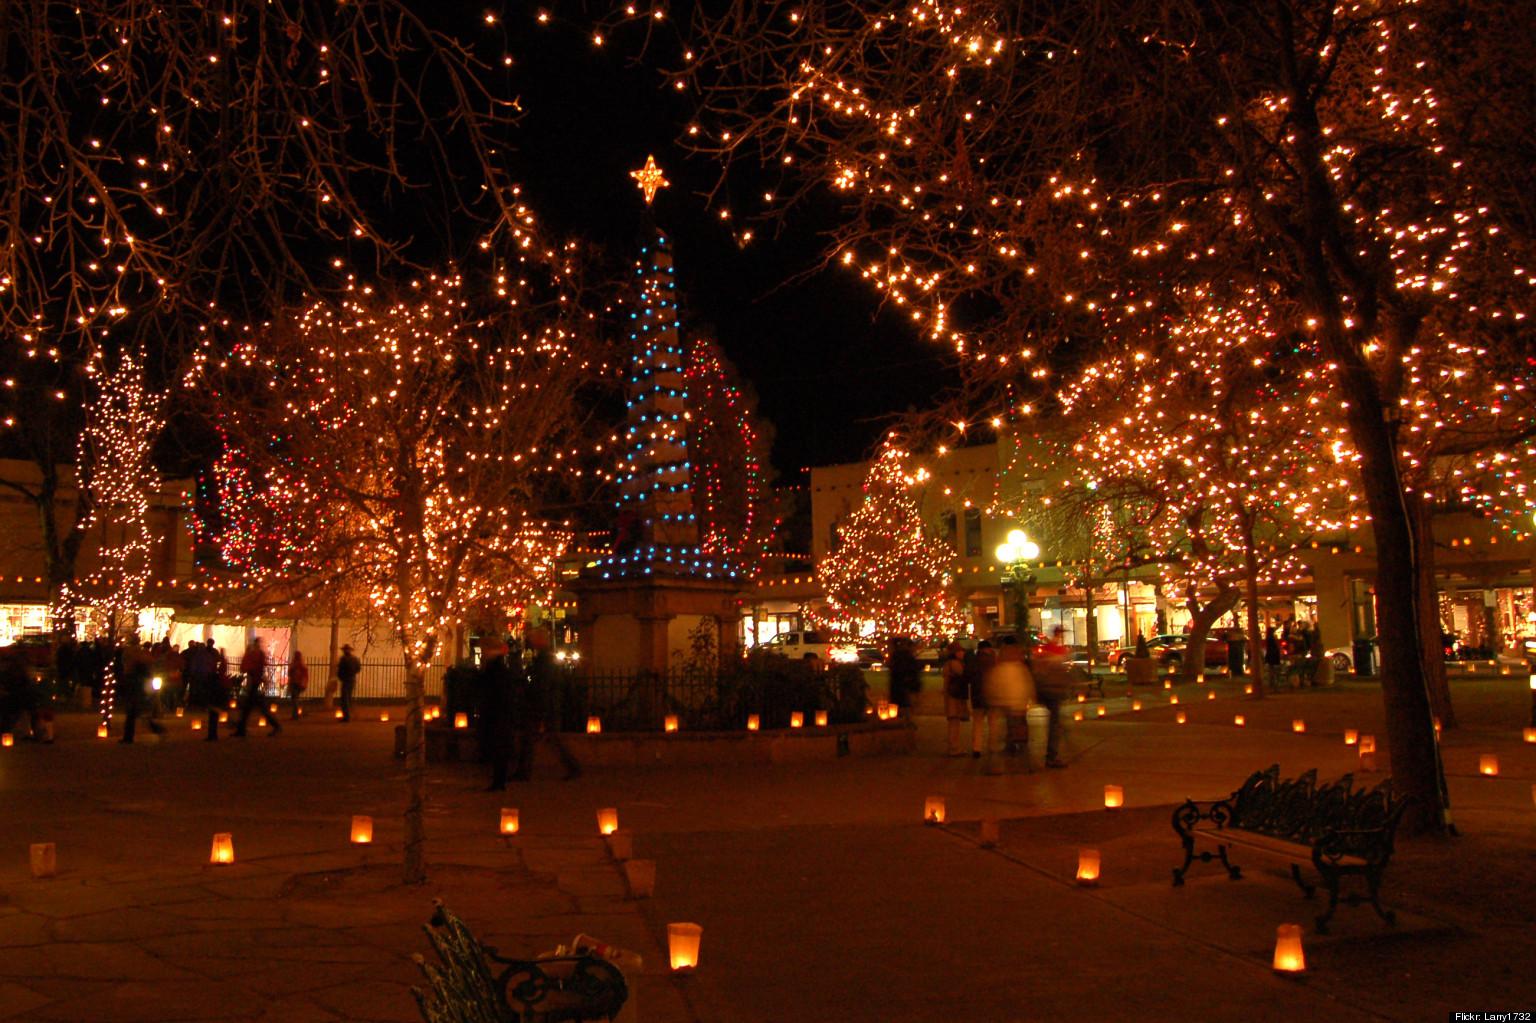 Visit Festive Santa Fe | HuffPost